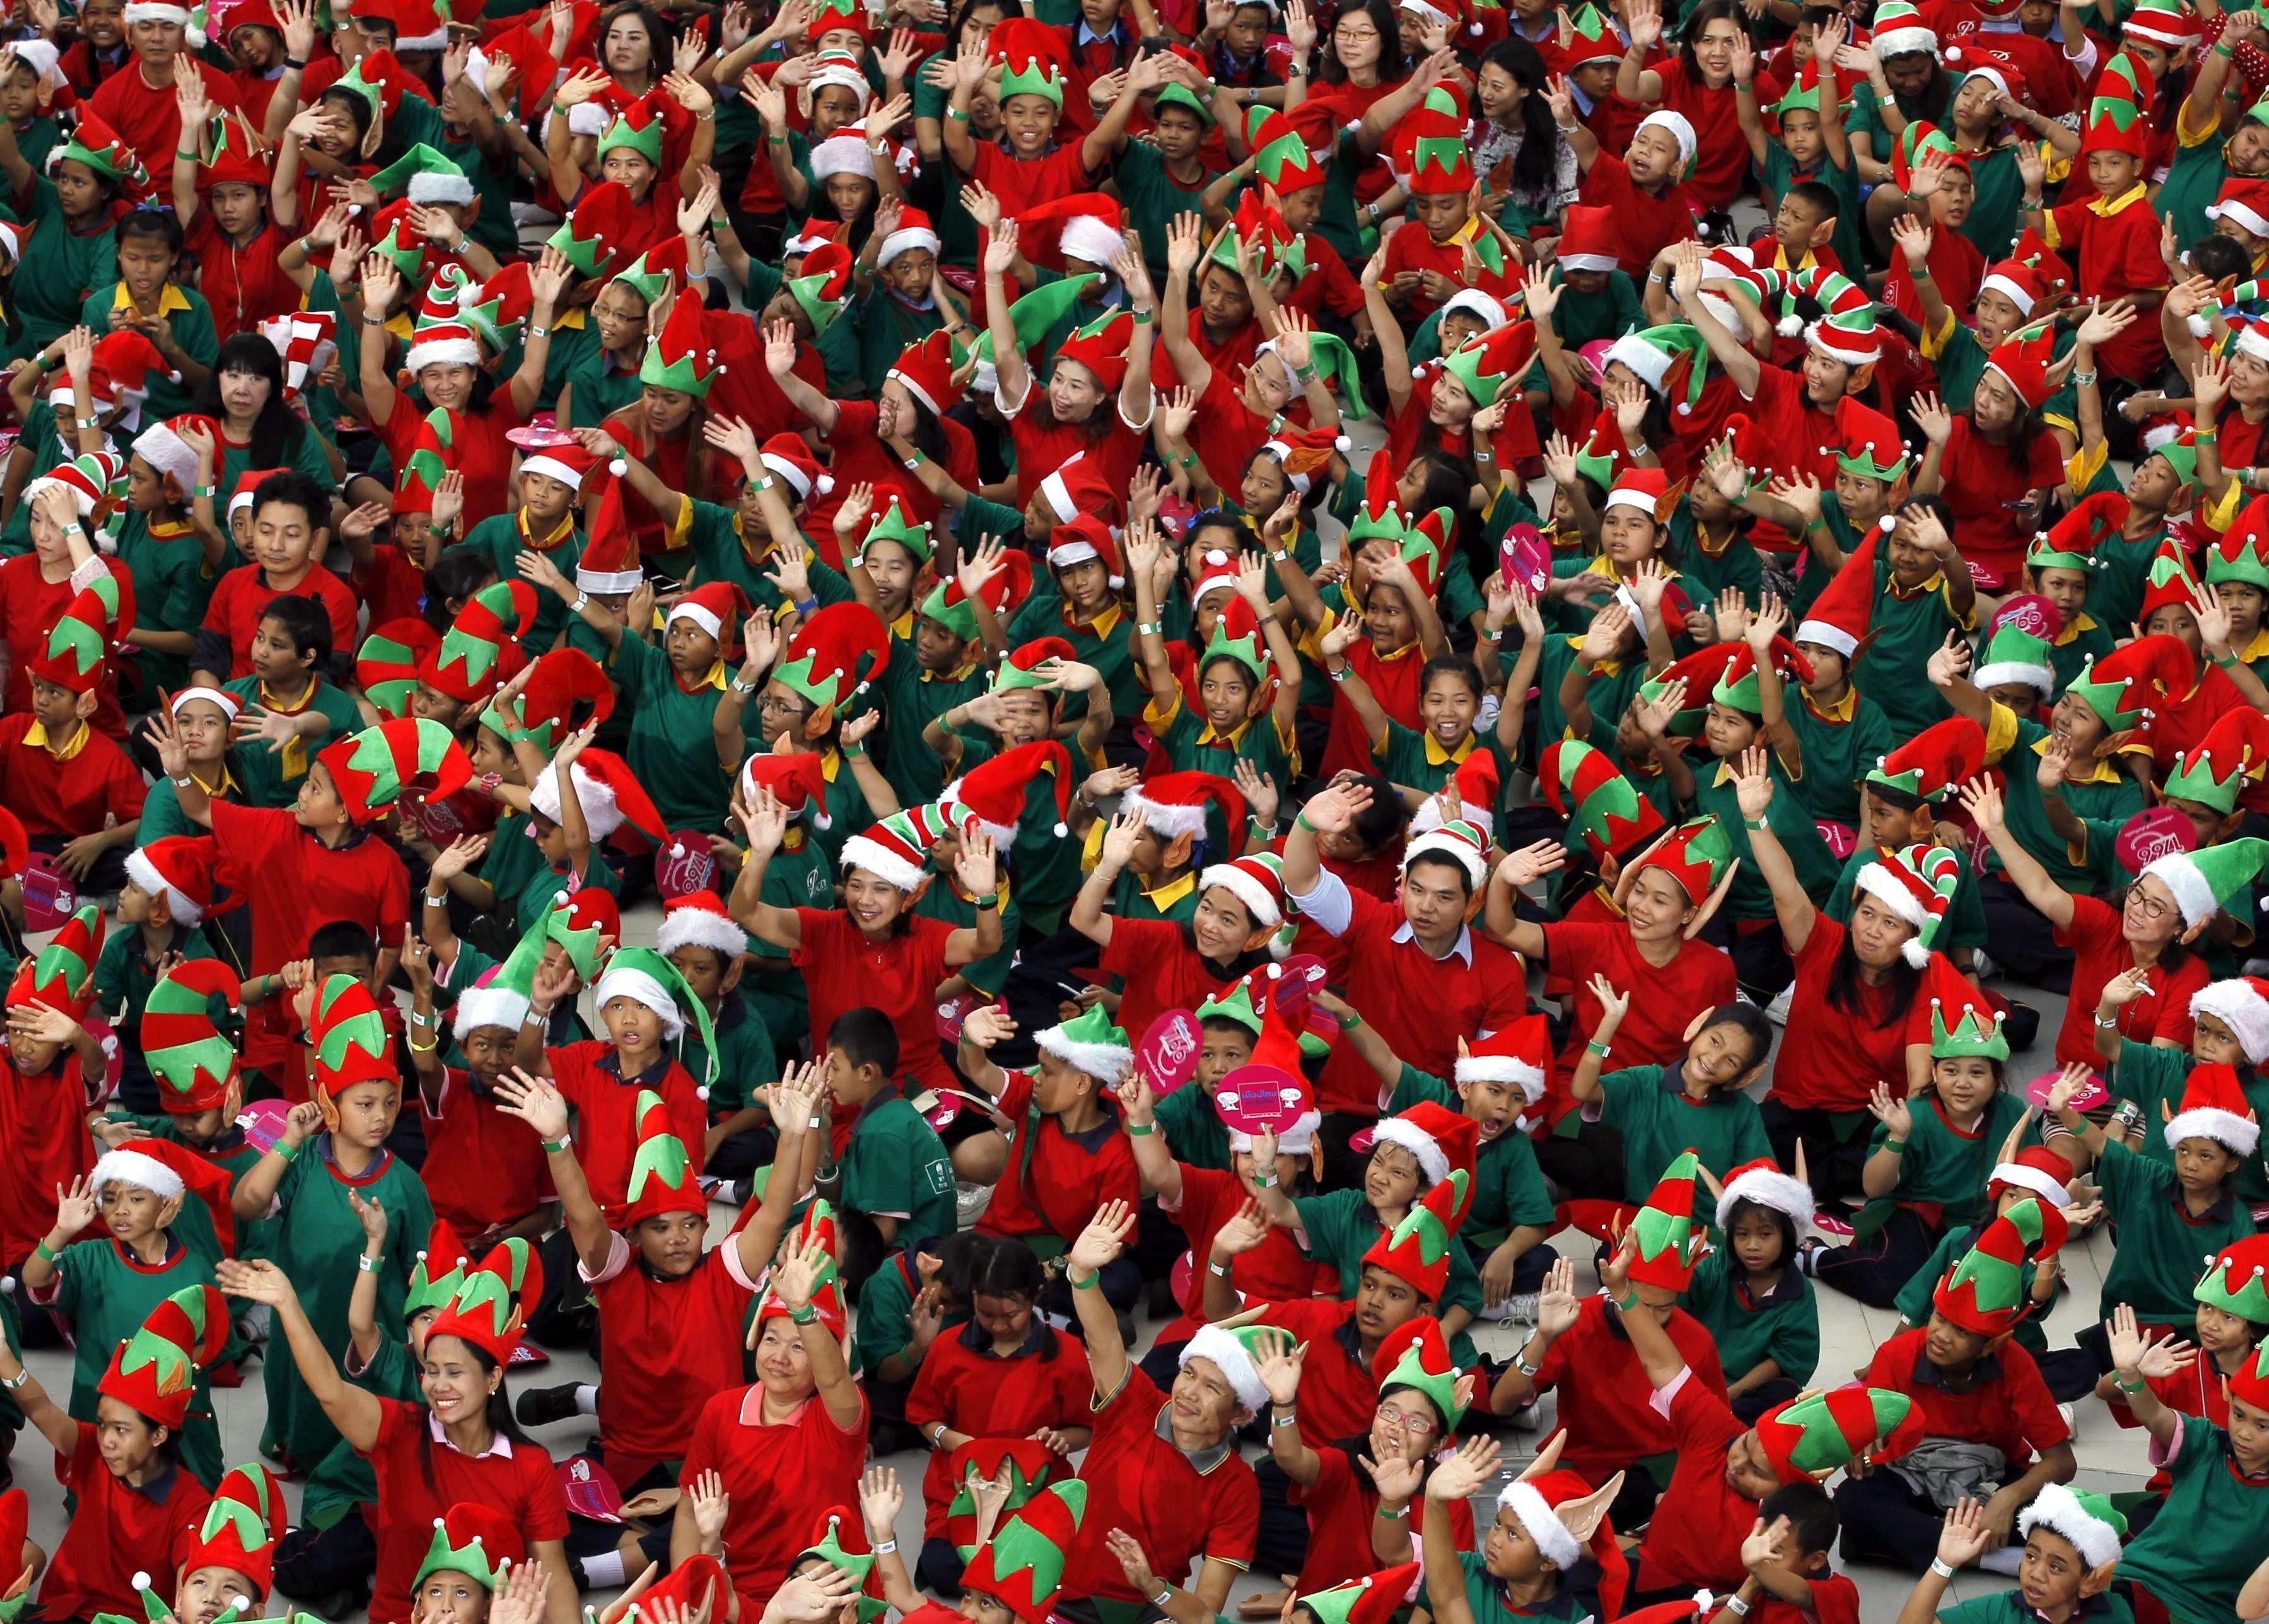 Un total de 1,762 niños vestidos de elfos de Papá Noel permanecen sentados durante una foto de grupo tras batir el récord Guinness en Bangkok Foto: RUNGROJ YONGRIT/EFE